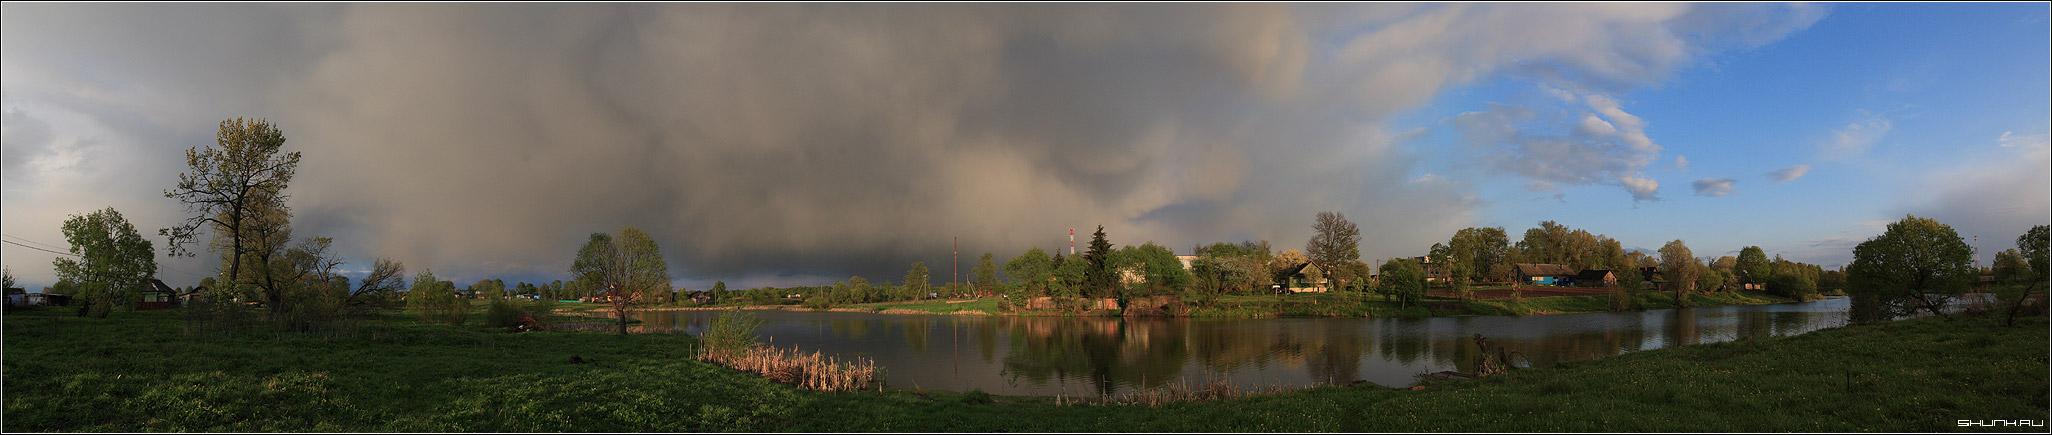 Панорама д. Шустиково - пруд небо дождь закат солнце деревня шустиково сторона колодец панорама фото фотосайт